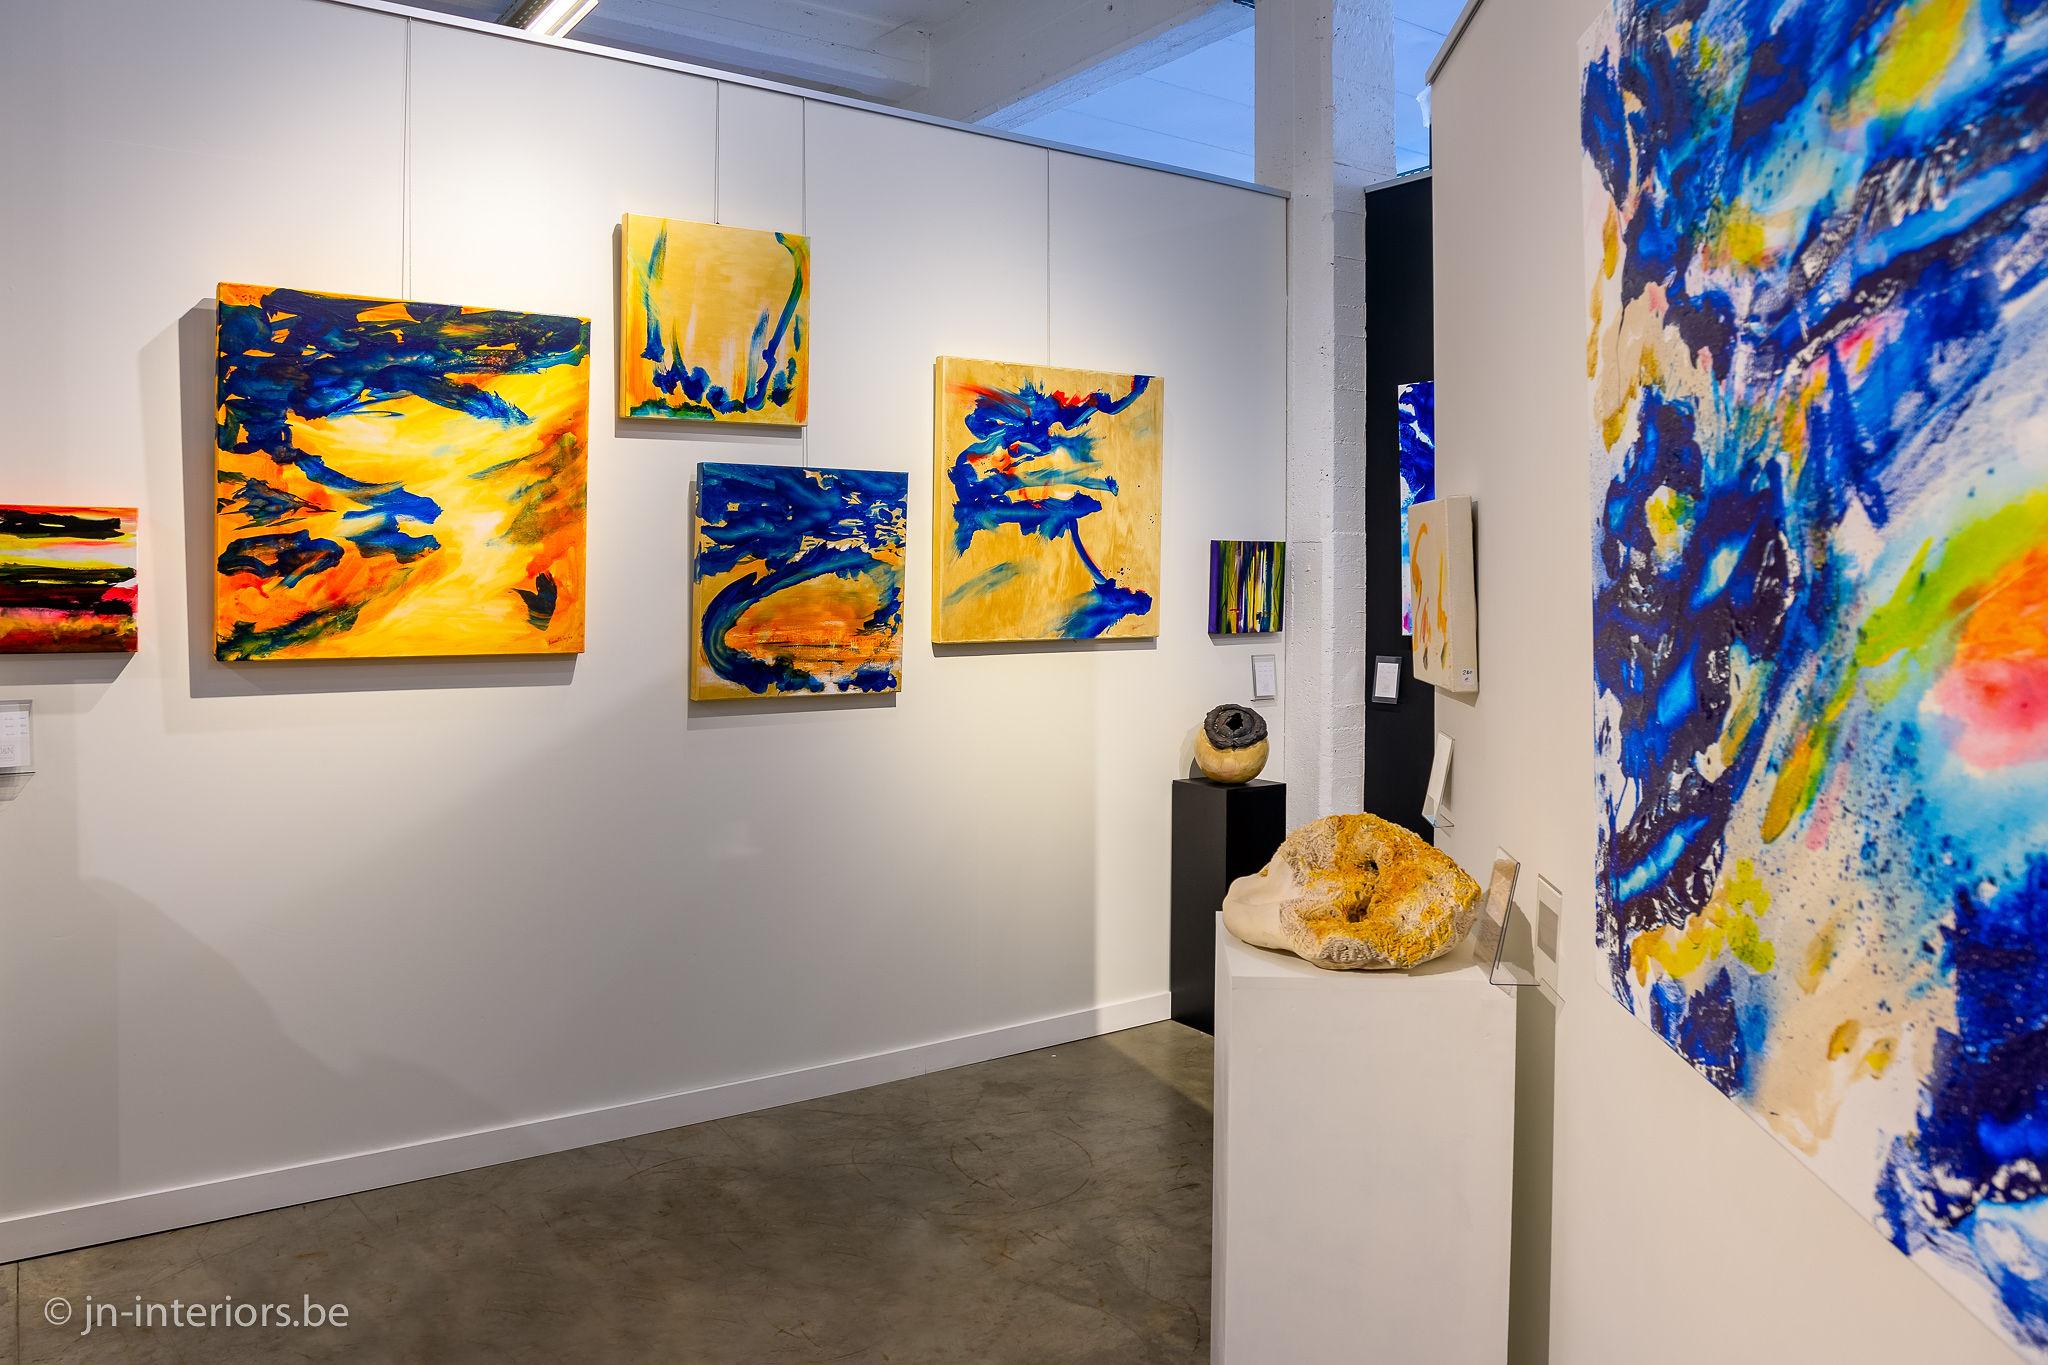 Tableaux jaune et bleu, sculpture ronde, tableaux couleurs, magasin de décoration belgique, galerie d'art, exposition d'art, jn interiors, jour et nuit liège verviers